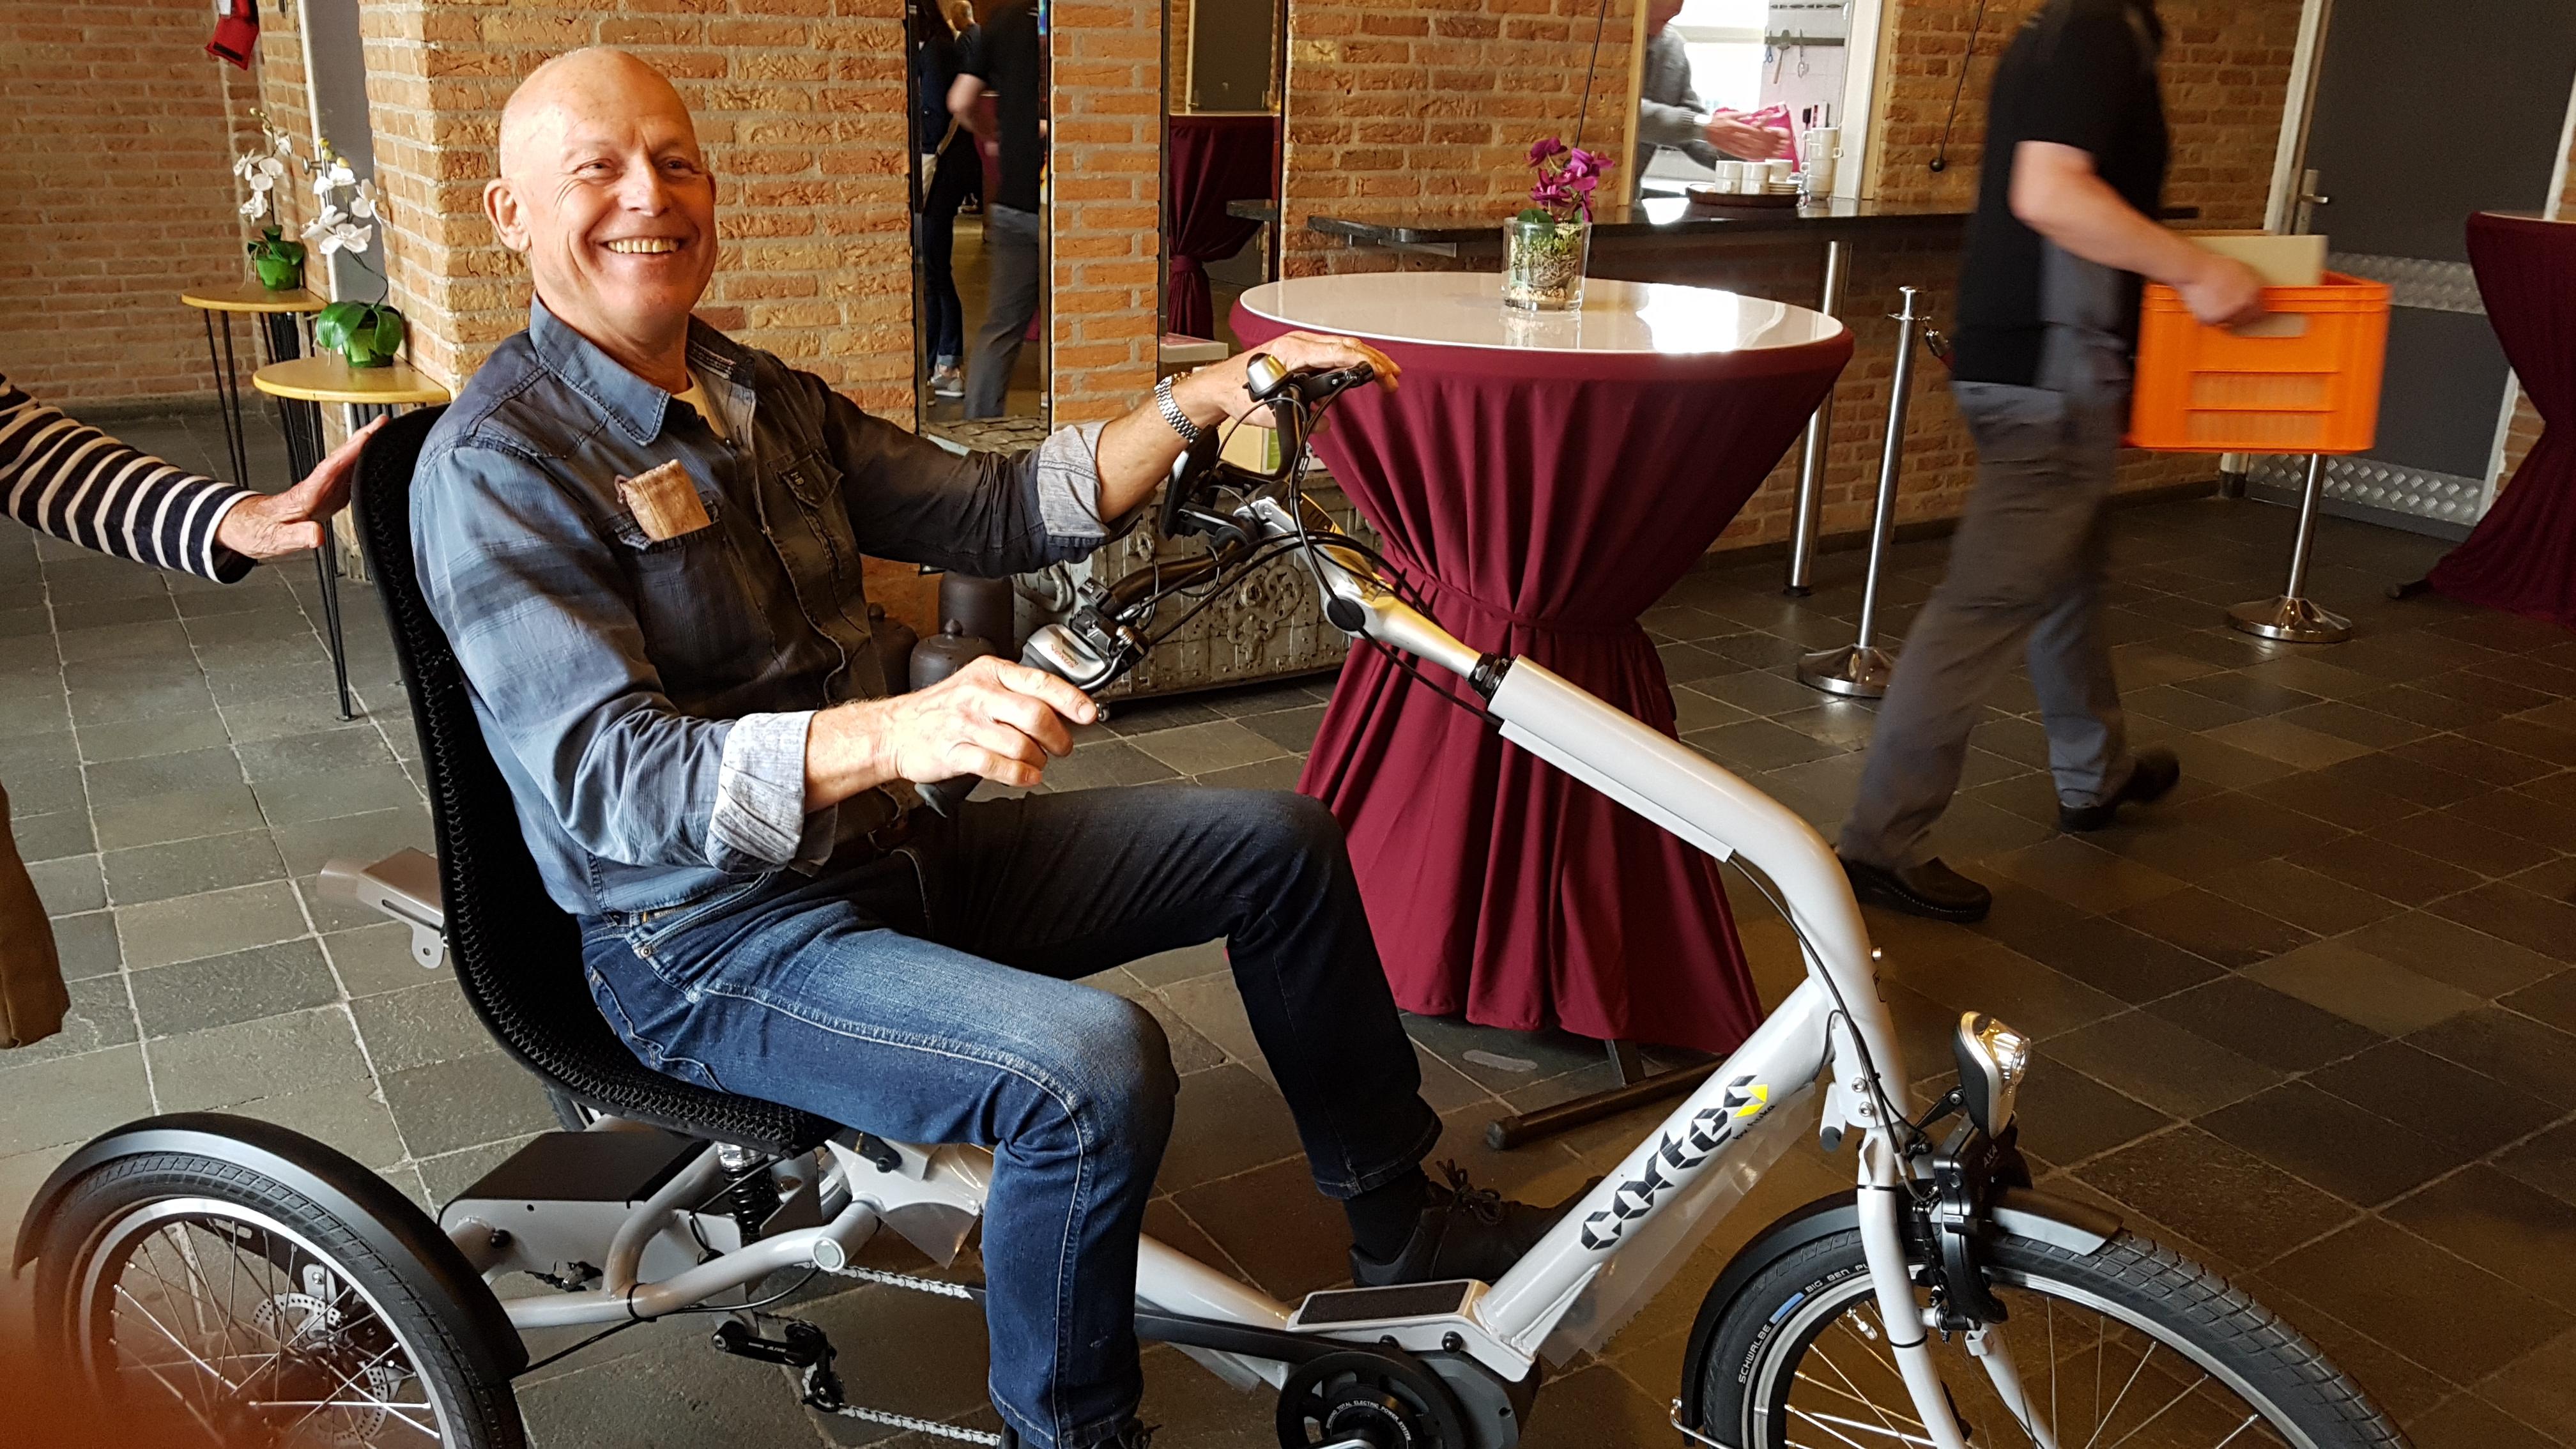 86ff14bcf38 ... ledenmiddag van 17 april. Deze stond geheel in het teken van de e-bike.  We hadden daarvoor 2 sprekers uitgenodigd en 4 fietsen om uit te proberen.